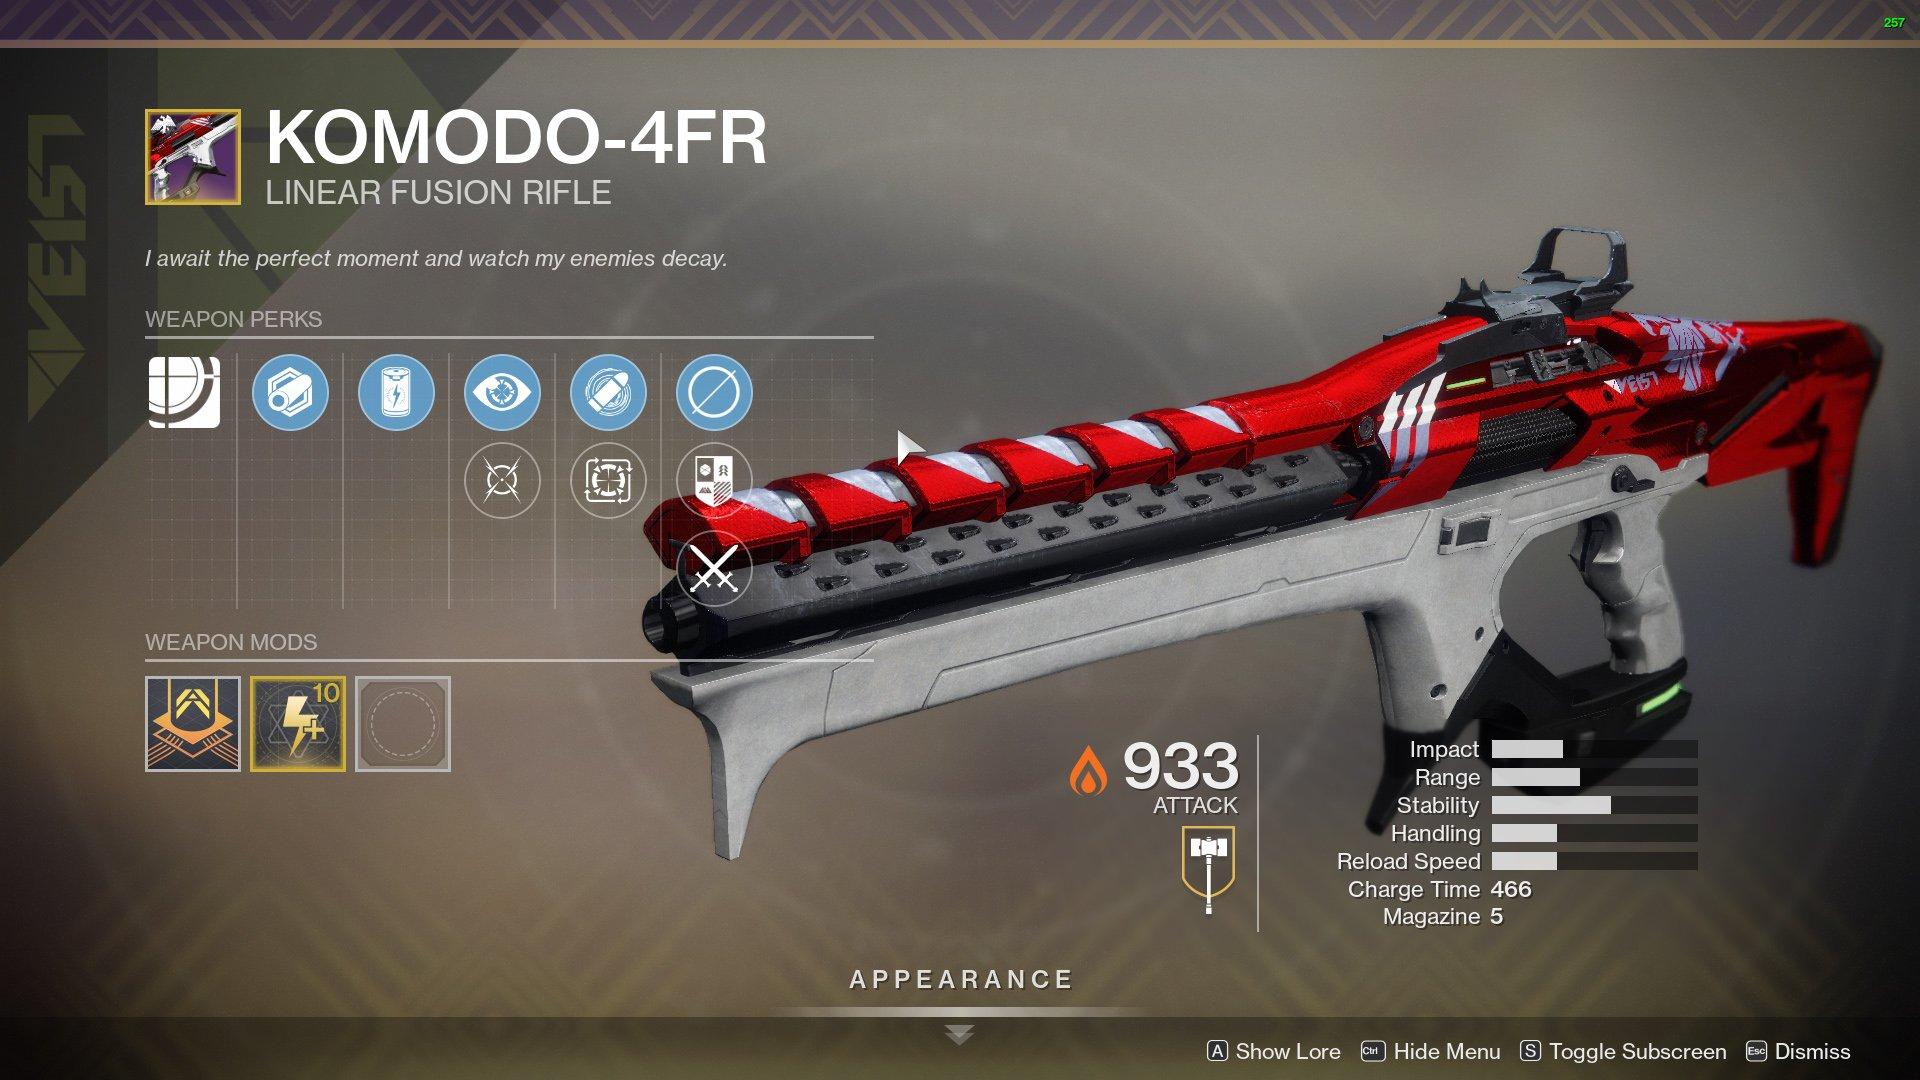 Destiny 2 Komodo-4FR perks